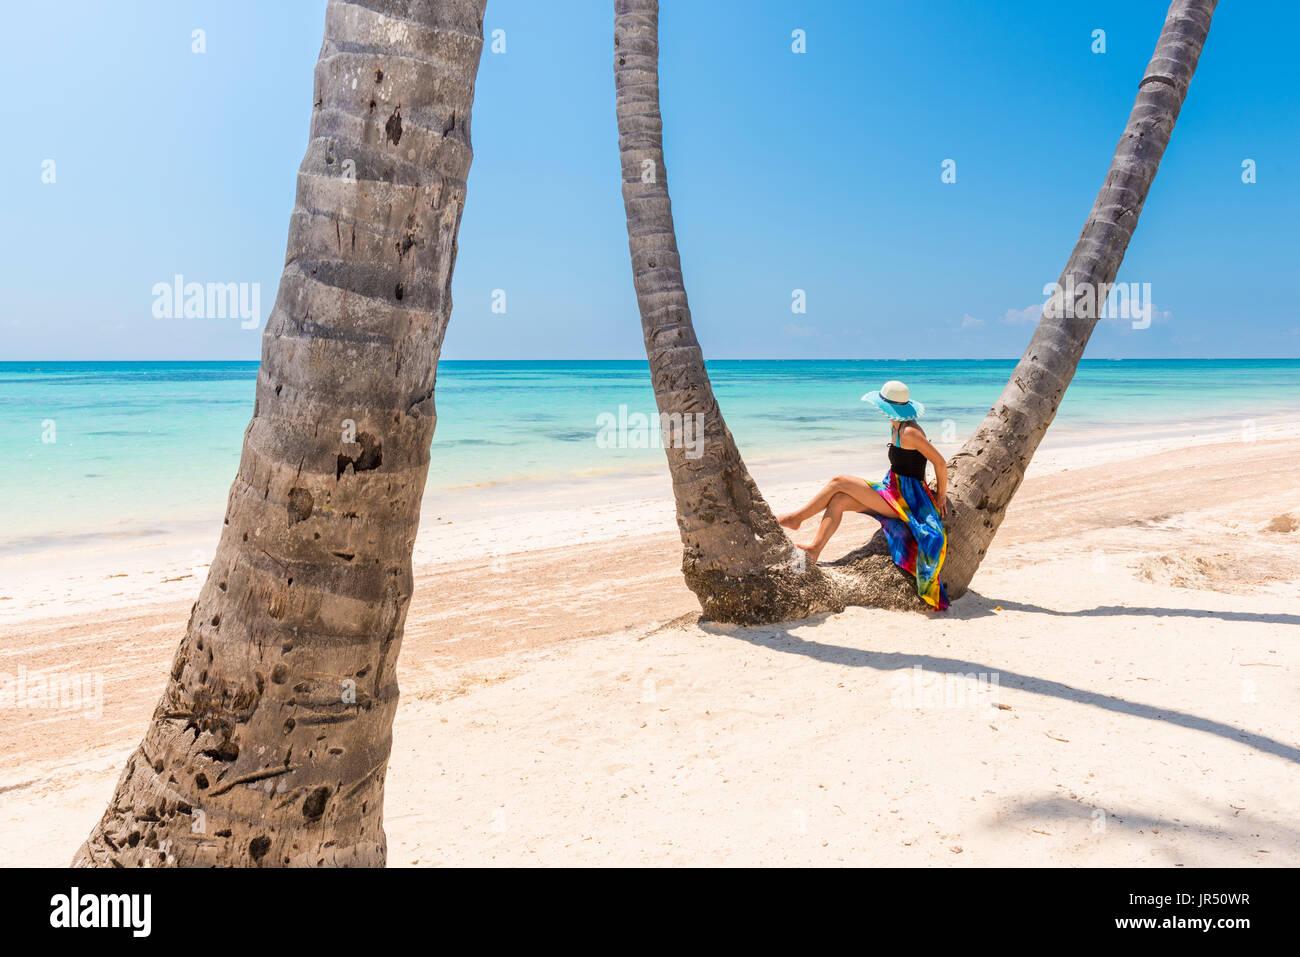 Spiaggia Juanillo (playa Juanillo), Punta Cana, Repubblica Dominicana. Donna sotto alte palme sulla spiaggia (MR) Immagini Stock